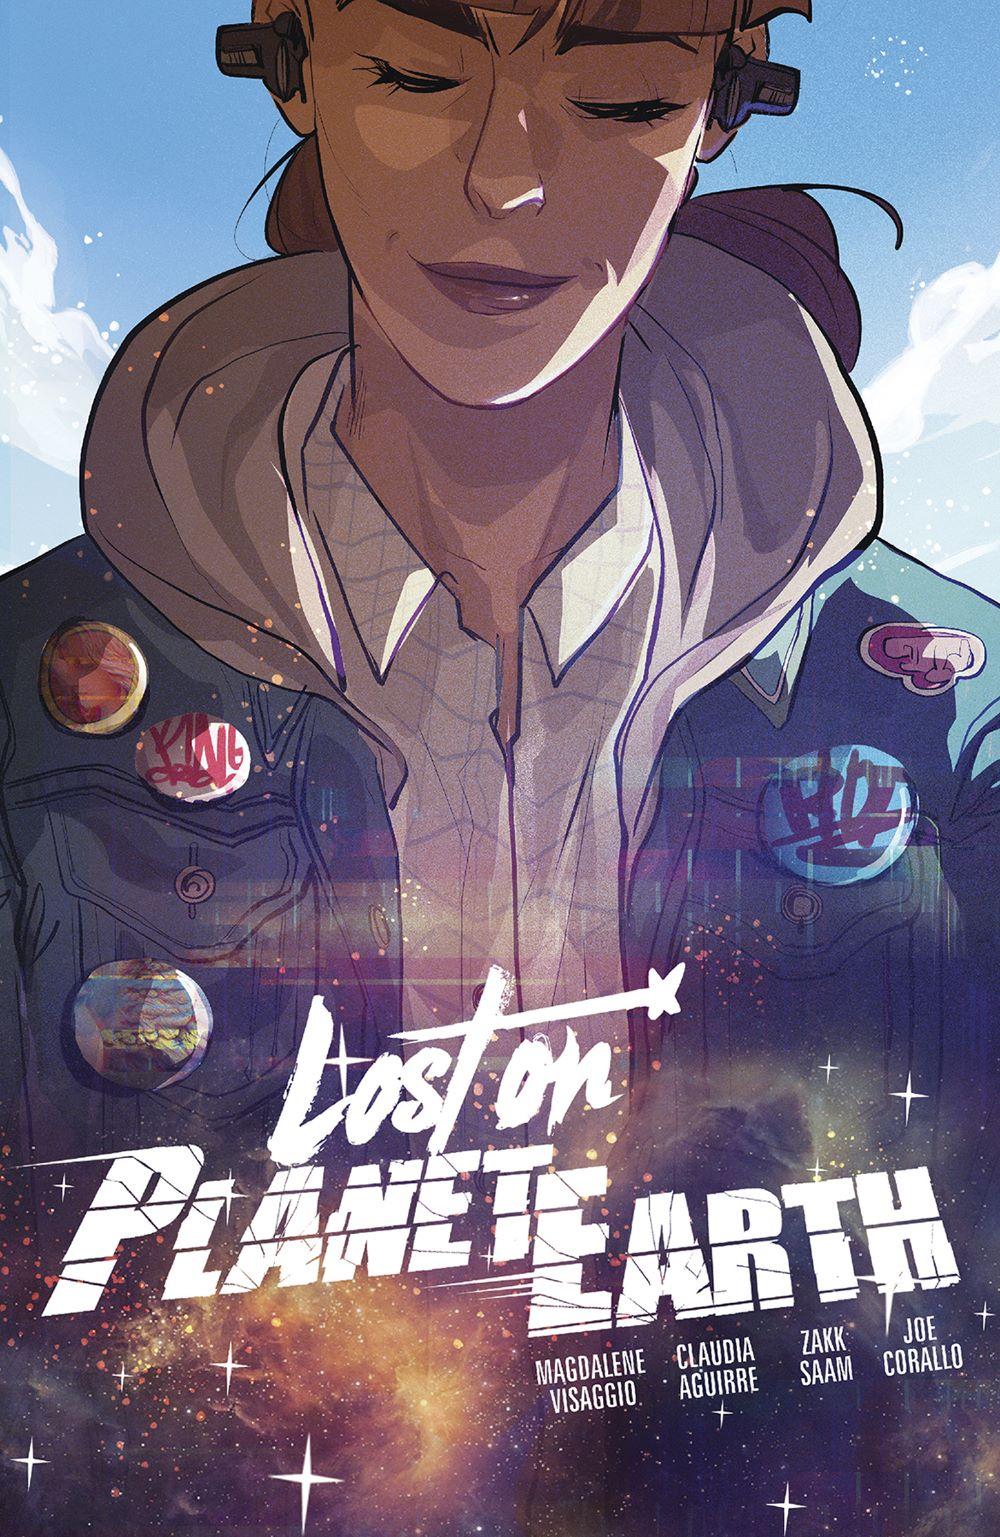 LOPE_TPB_CVR_4x6_SOL Dark Horse Comics June 2021 Solicitations